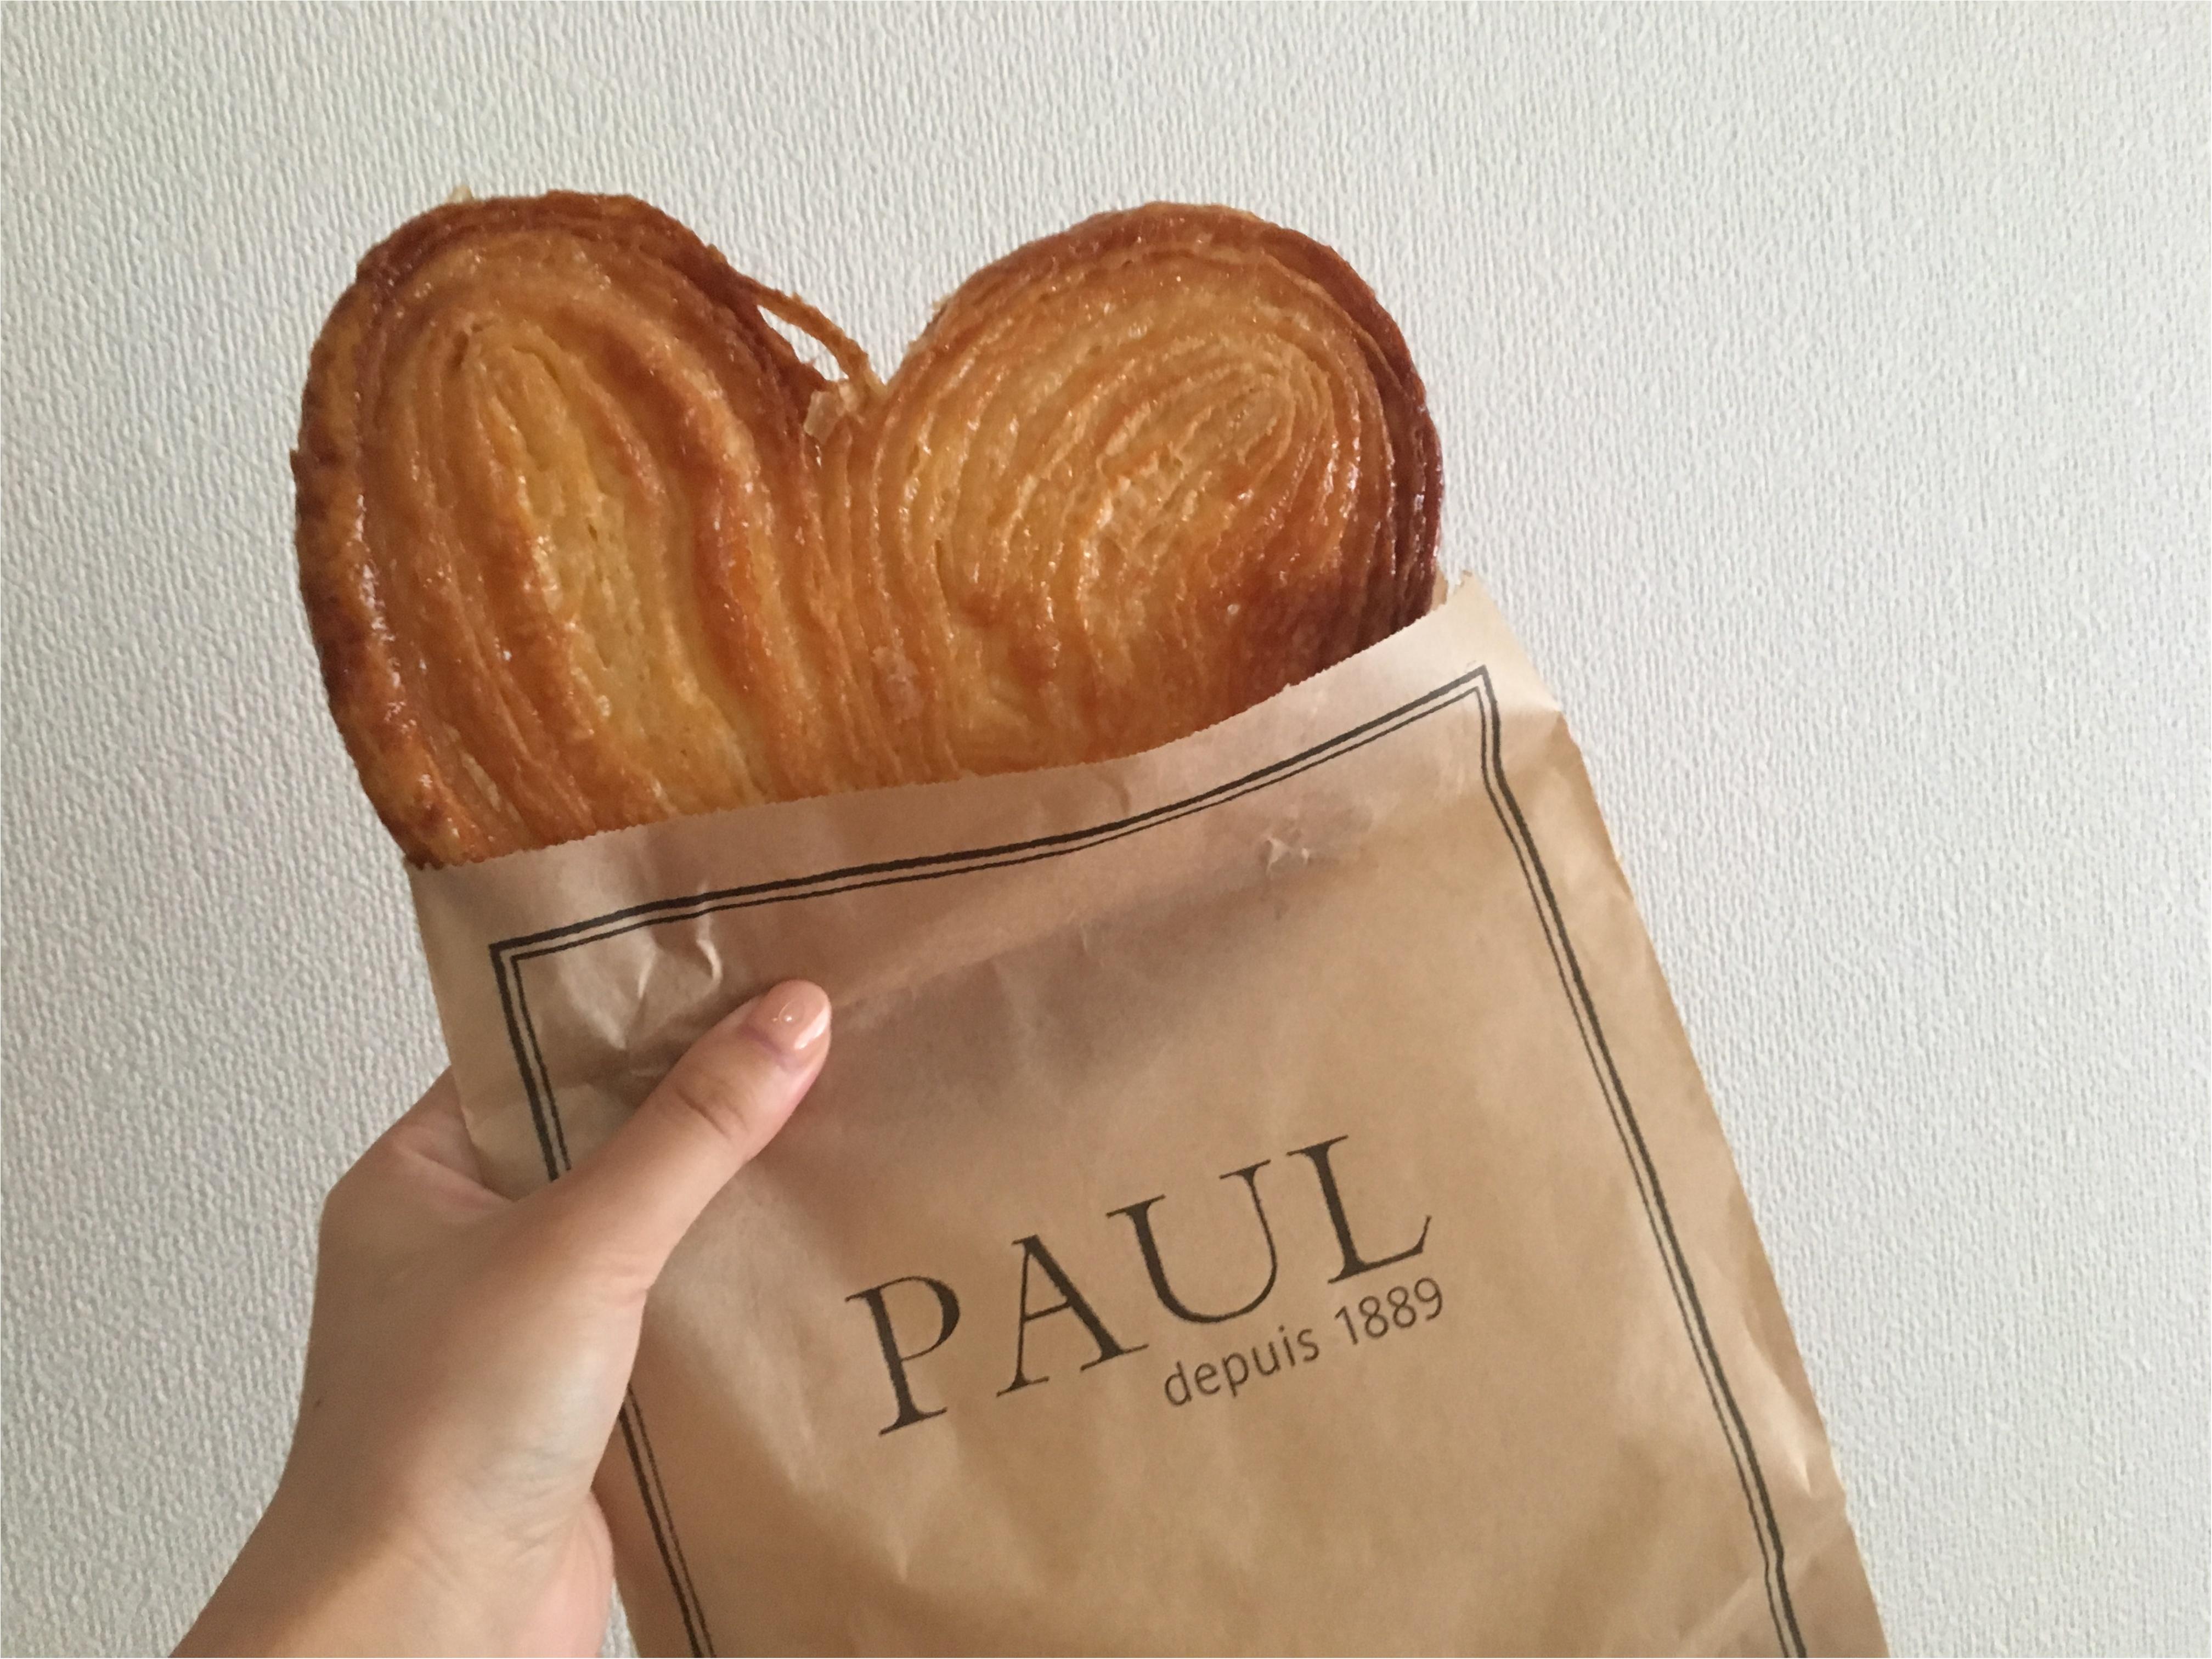 顔が隠れちゃうビッグサイズ!?PAULのハート型パイはもうチェックした?_1